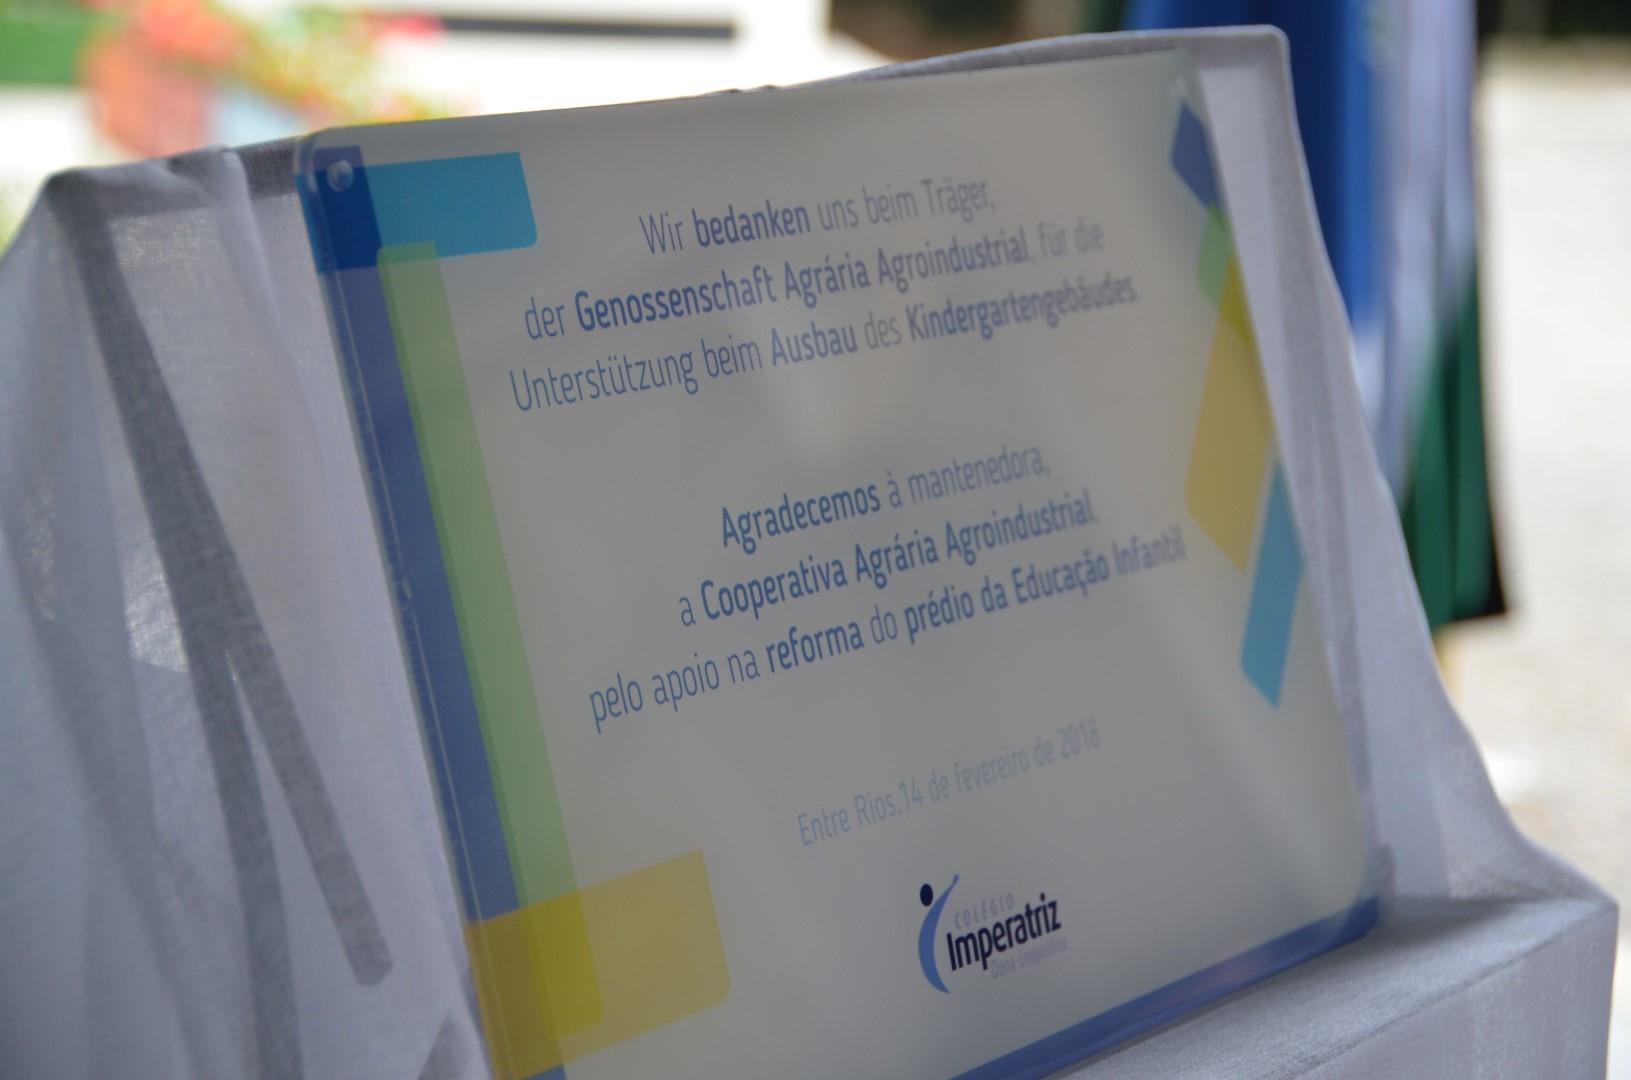 Inauguração Educação Infantil - Colégio Imperatriz - 14/02/18Inauguração Educação Infantil - Colégio Imperatriz - 14/02/18